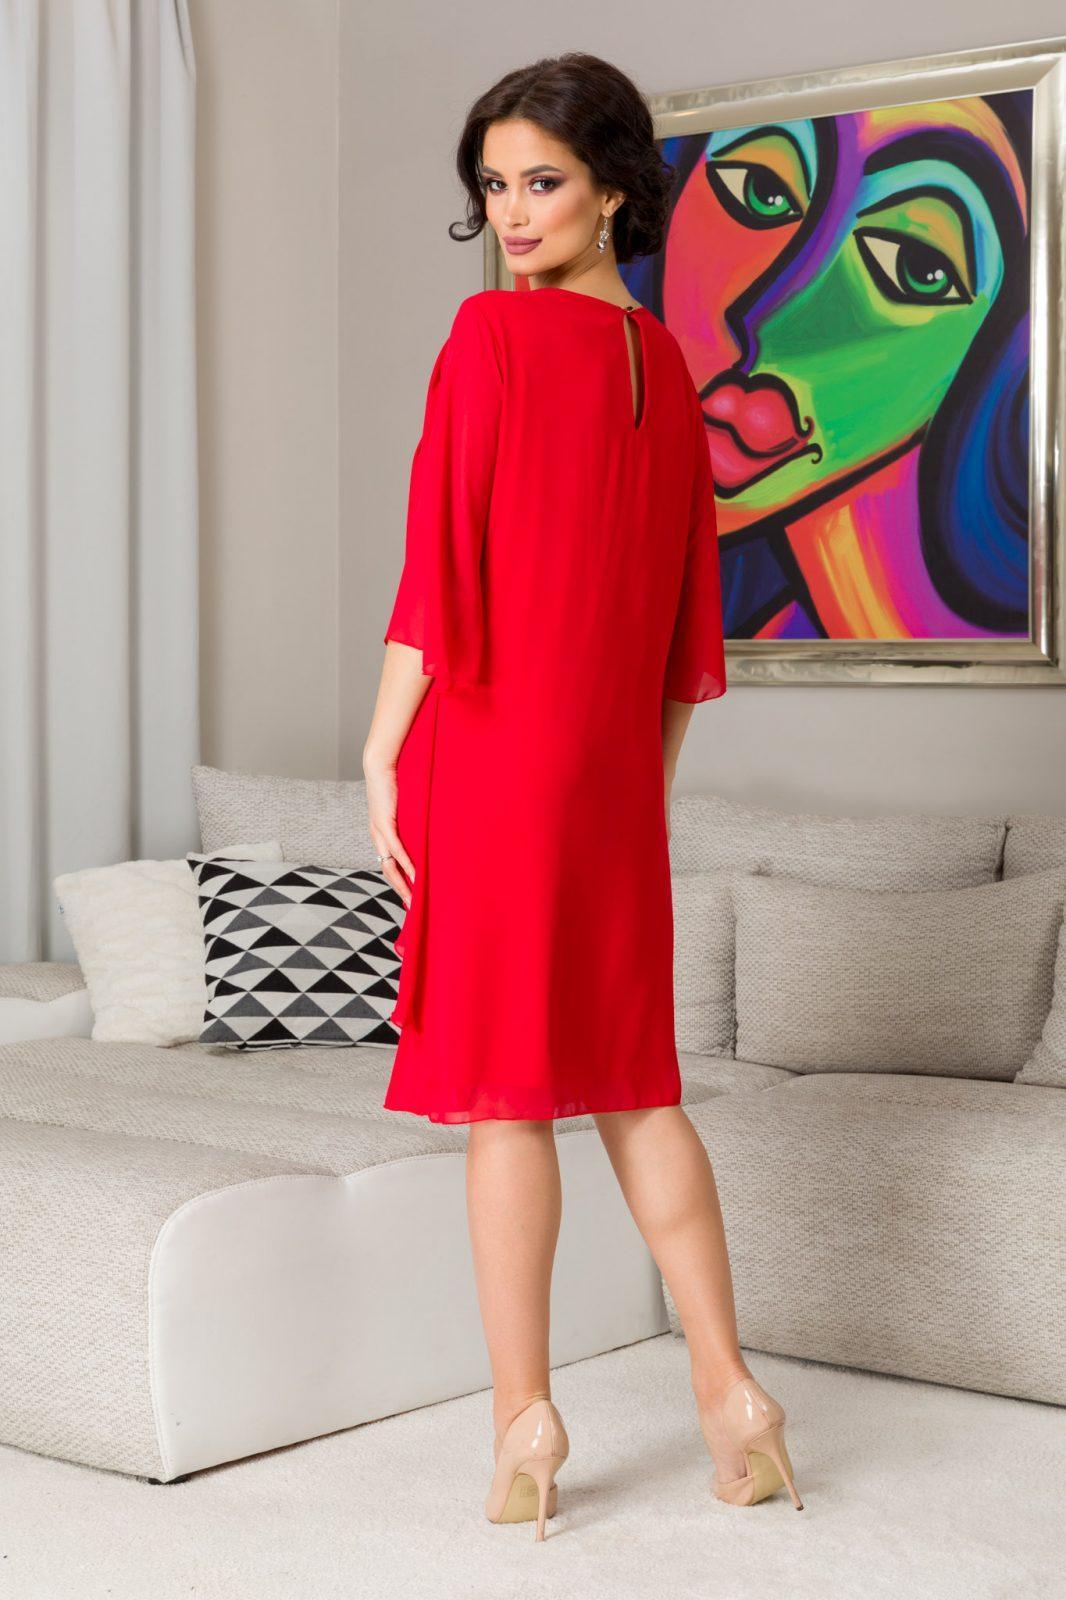 Κόκκινο Φόρεμα Για Μεγάλα Μεγέθη Paris 7318